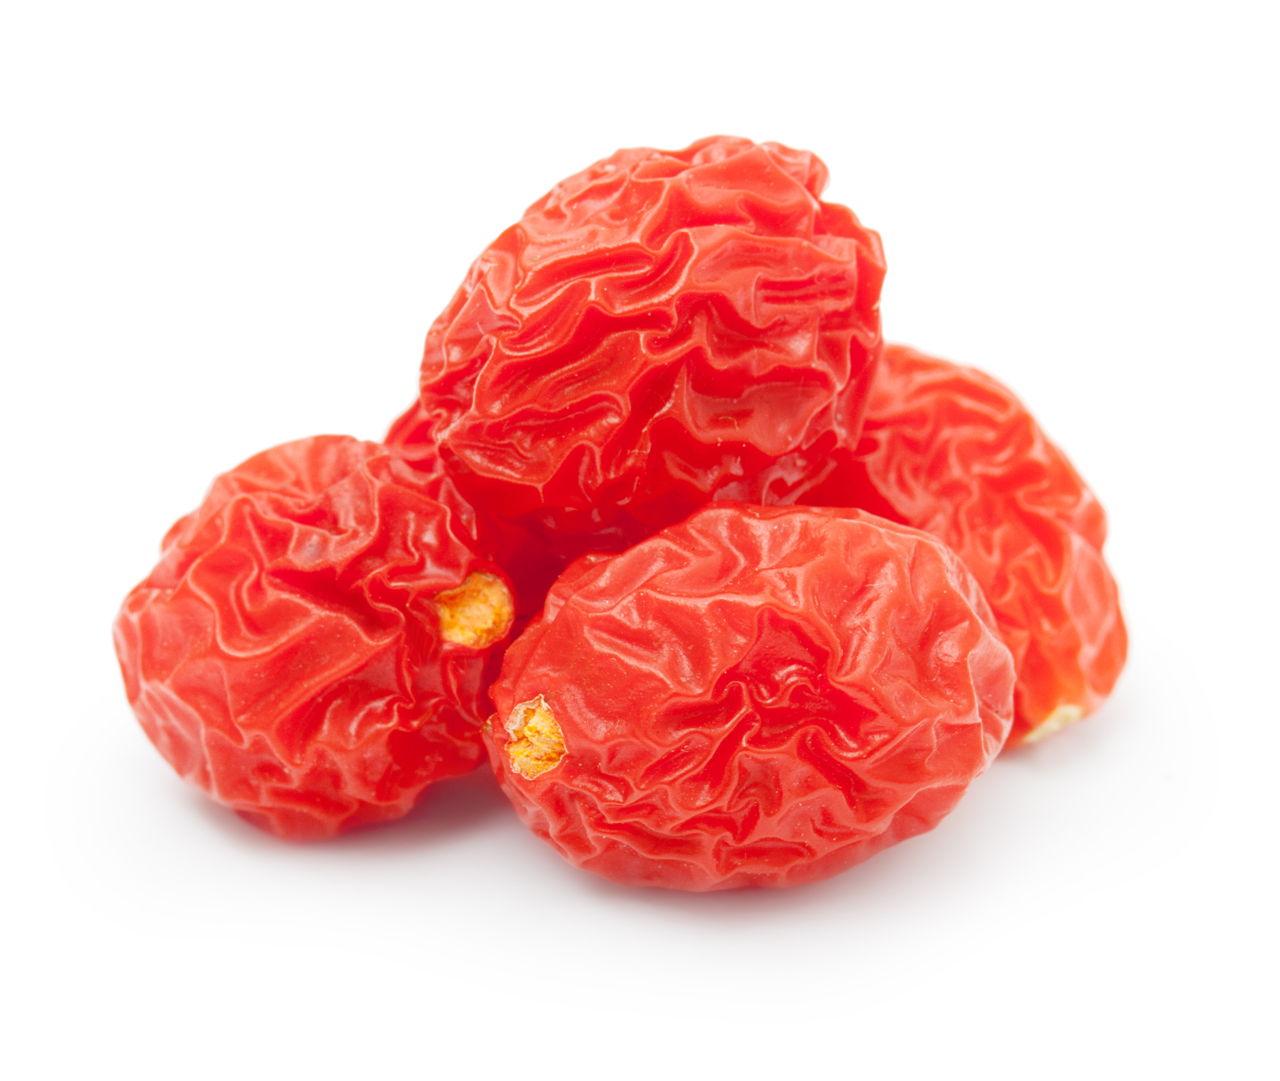 Goji Berries Nutritional Benefits